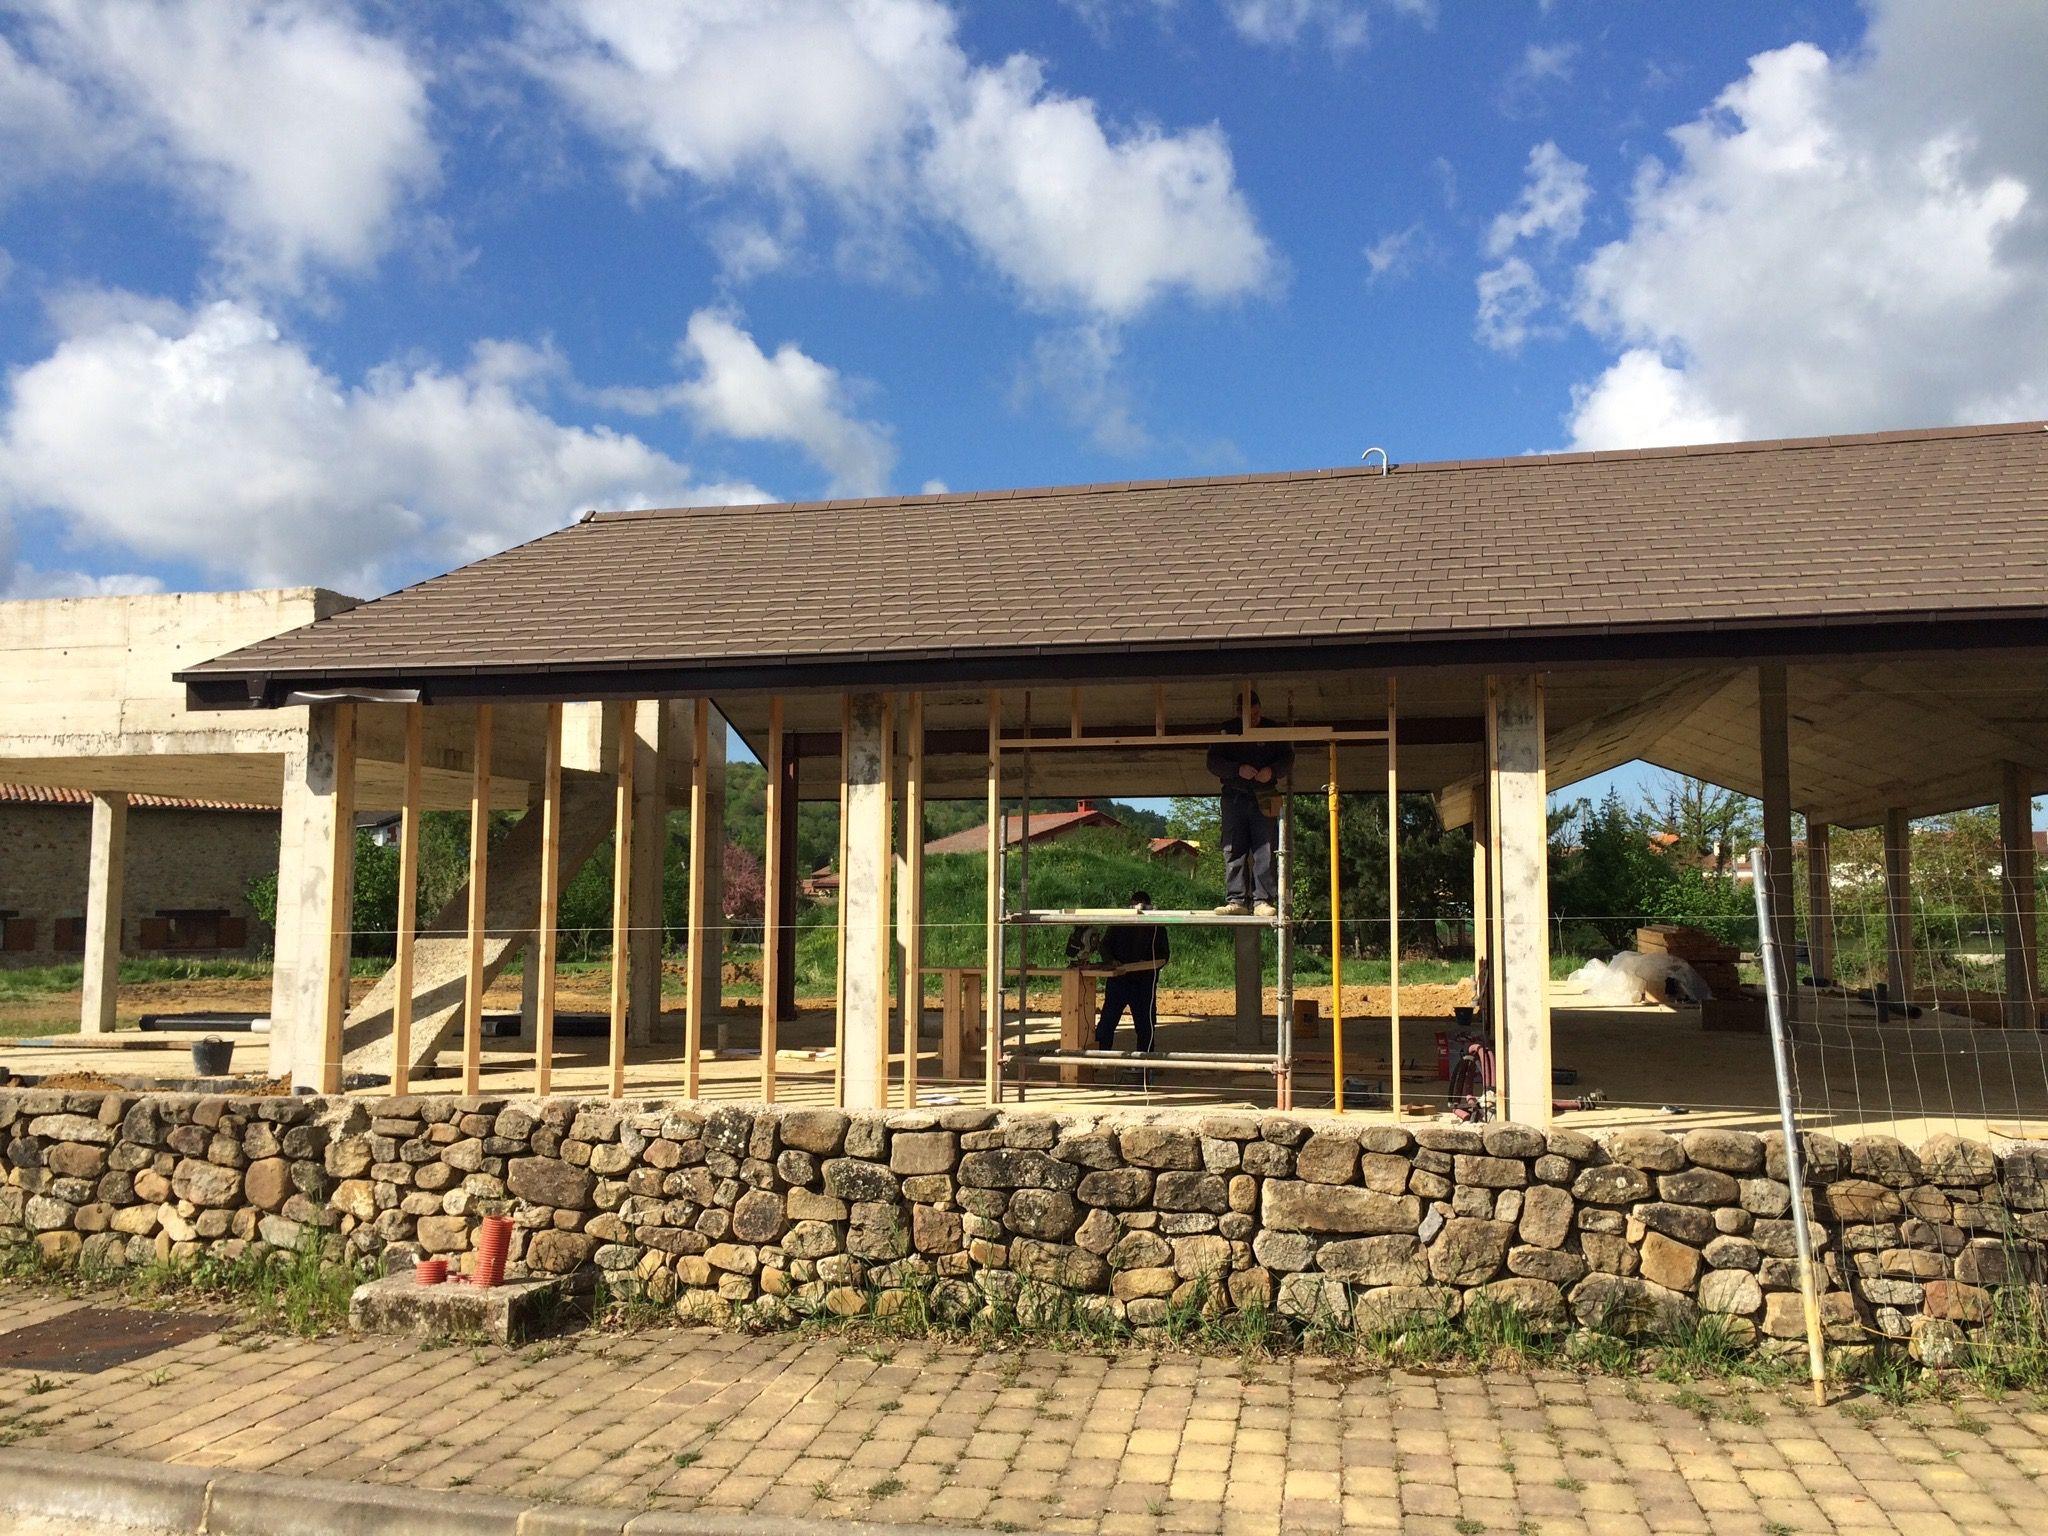 Rehabilitación energética y saludable de un edificio existente en Bitoriano. Casa biopasiva - Baransu